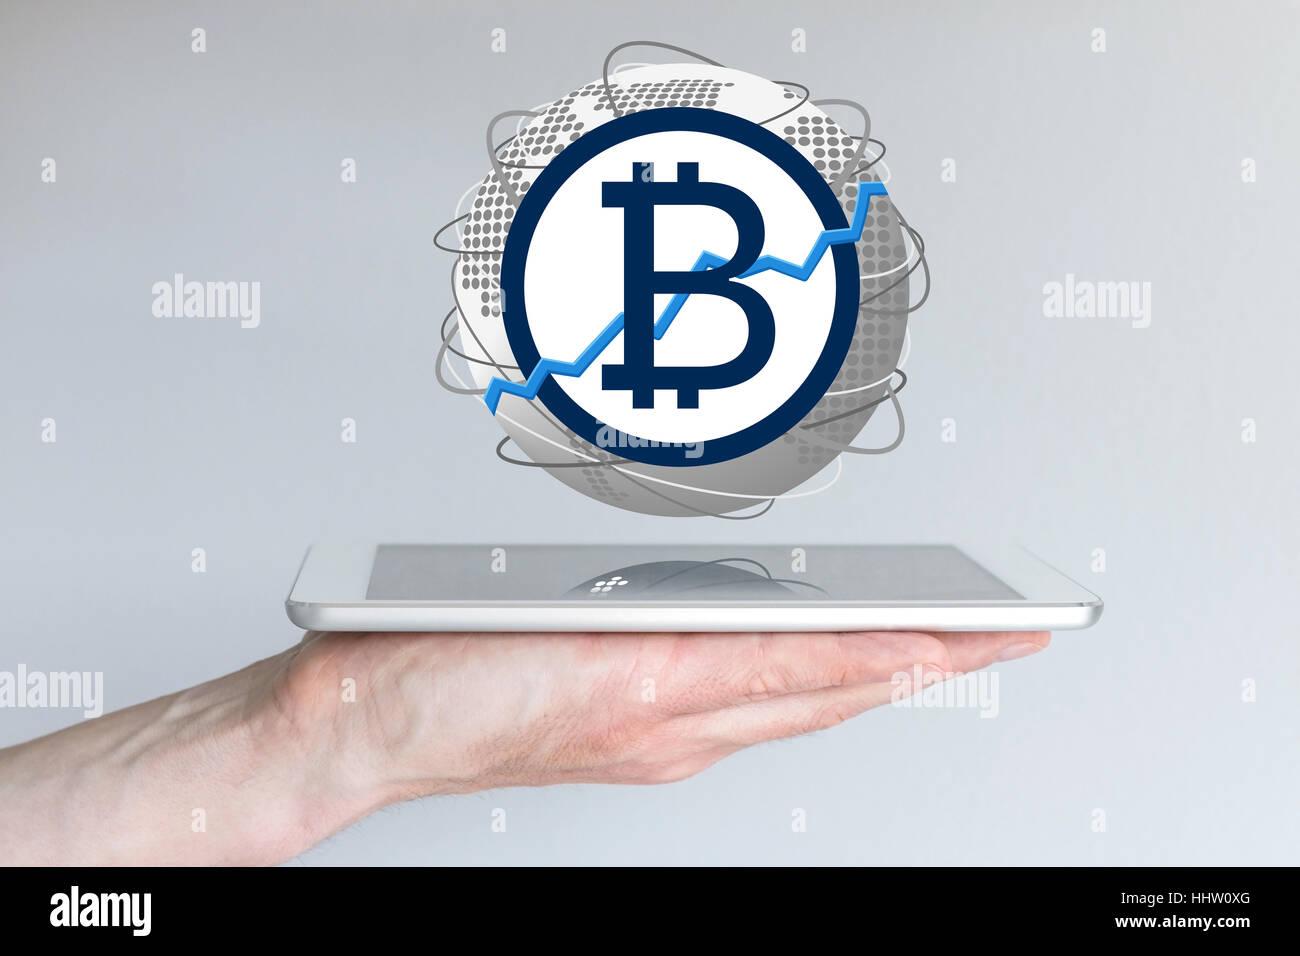 Aumento de la tasa de cambio de moneda bitcoin global concepto con mano sujetando tablet Imagen De Stock